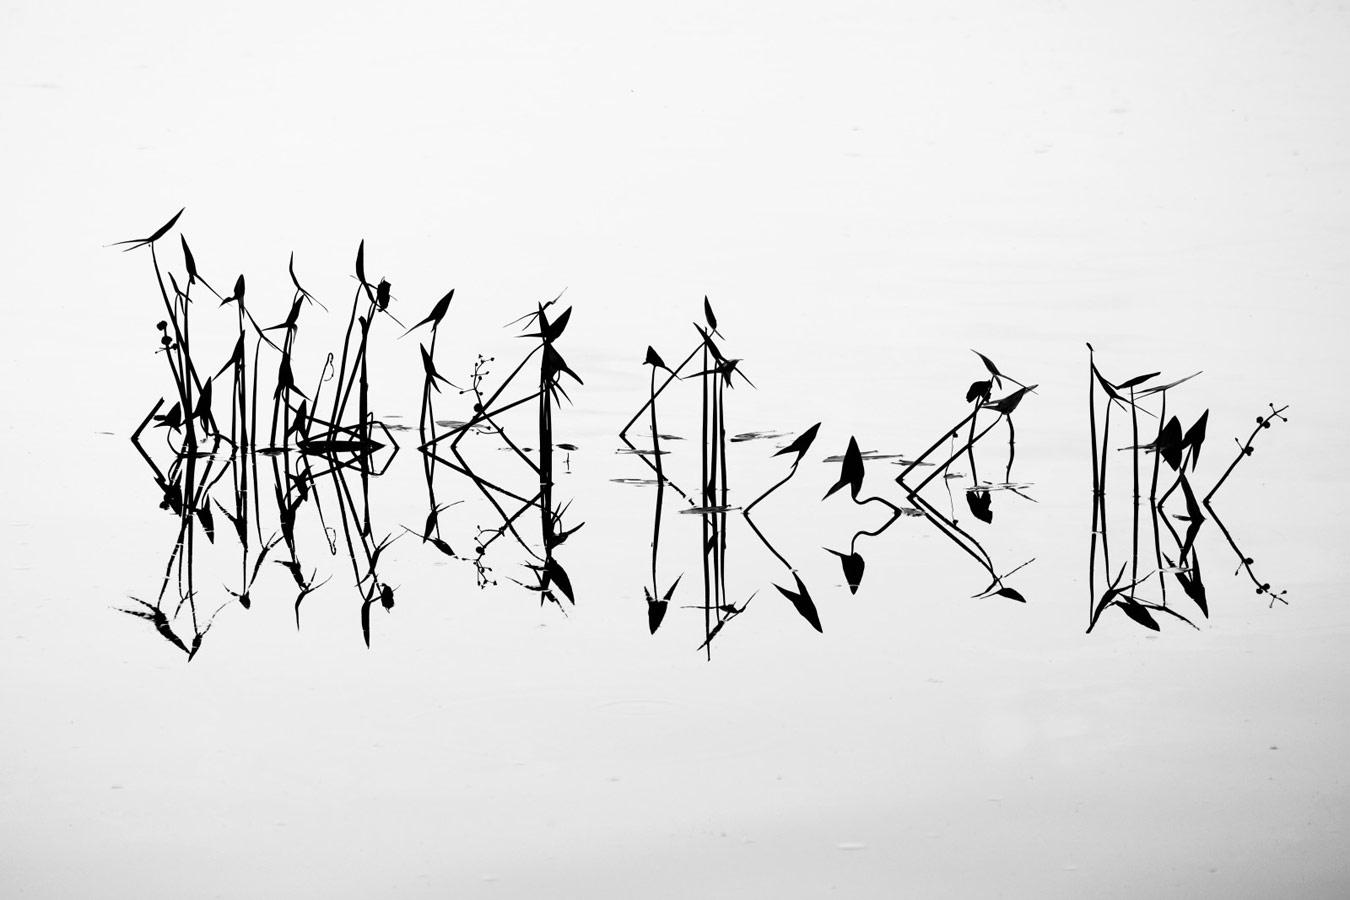 Письмена природы, © Евгений Андреев